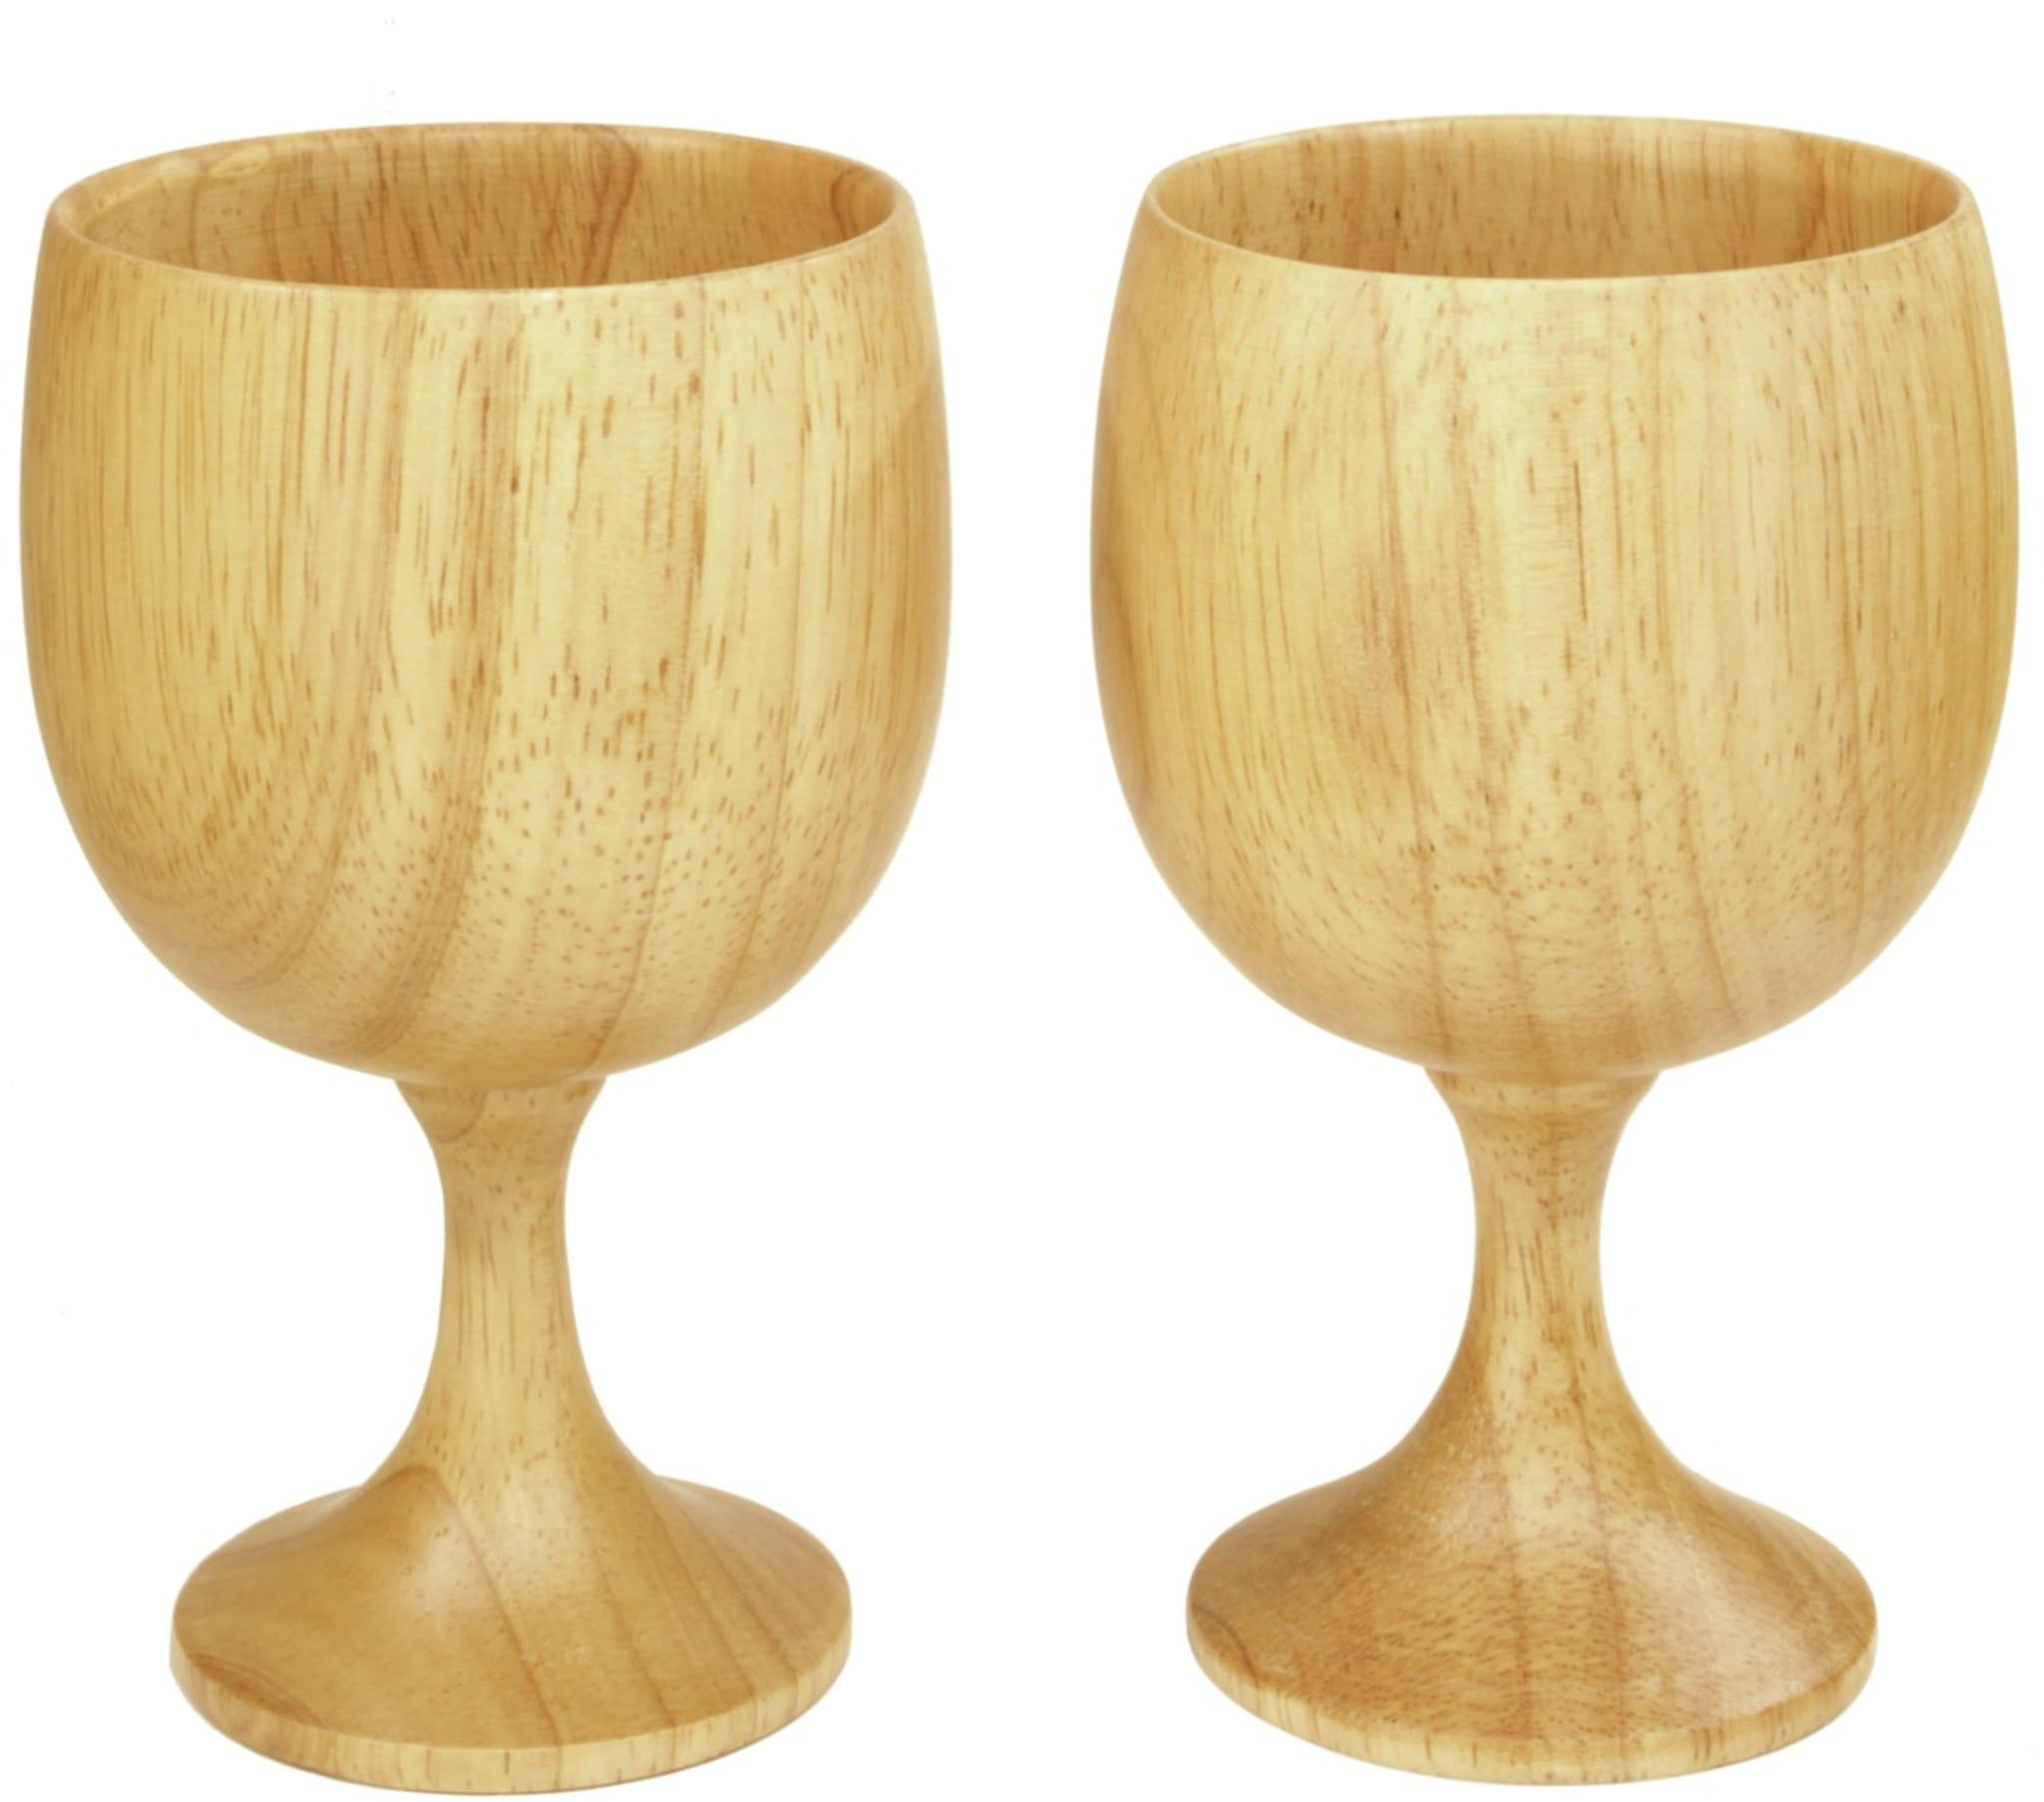 Fine og solide glass i naturlig tremateriale!